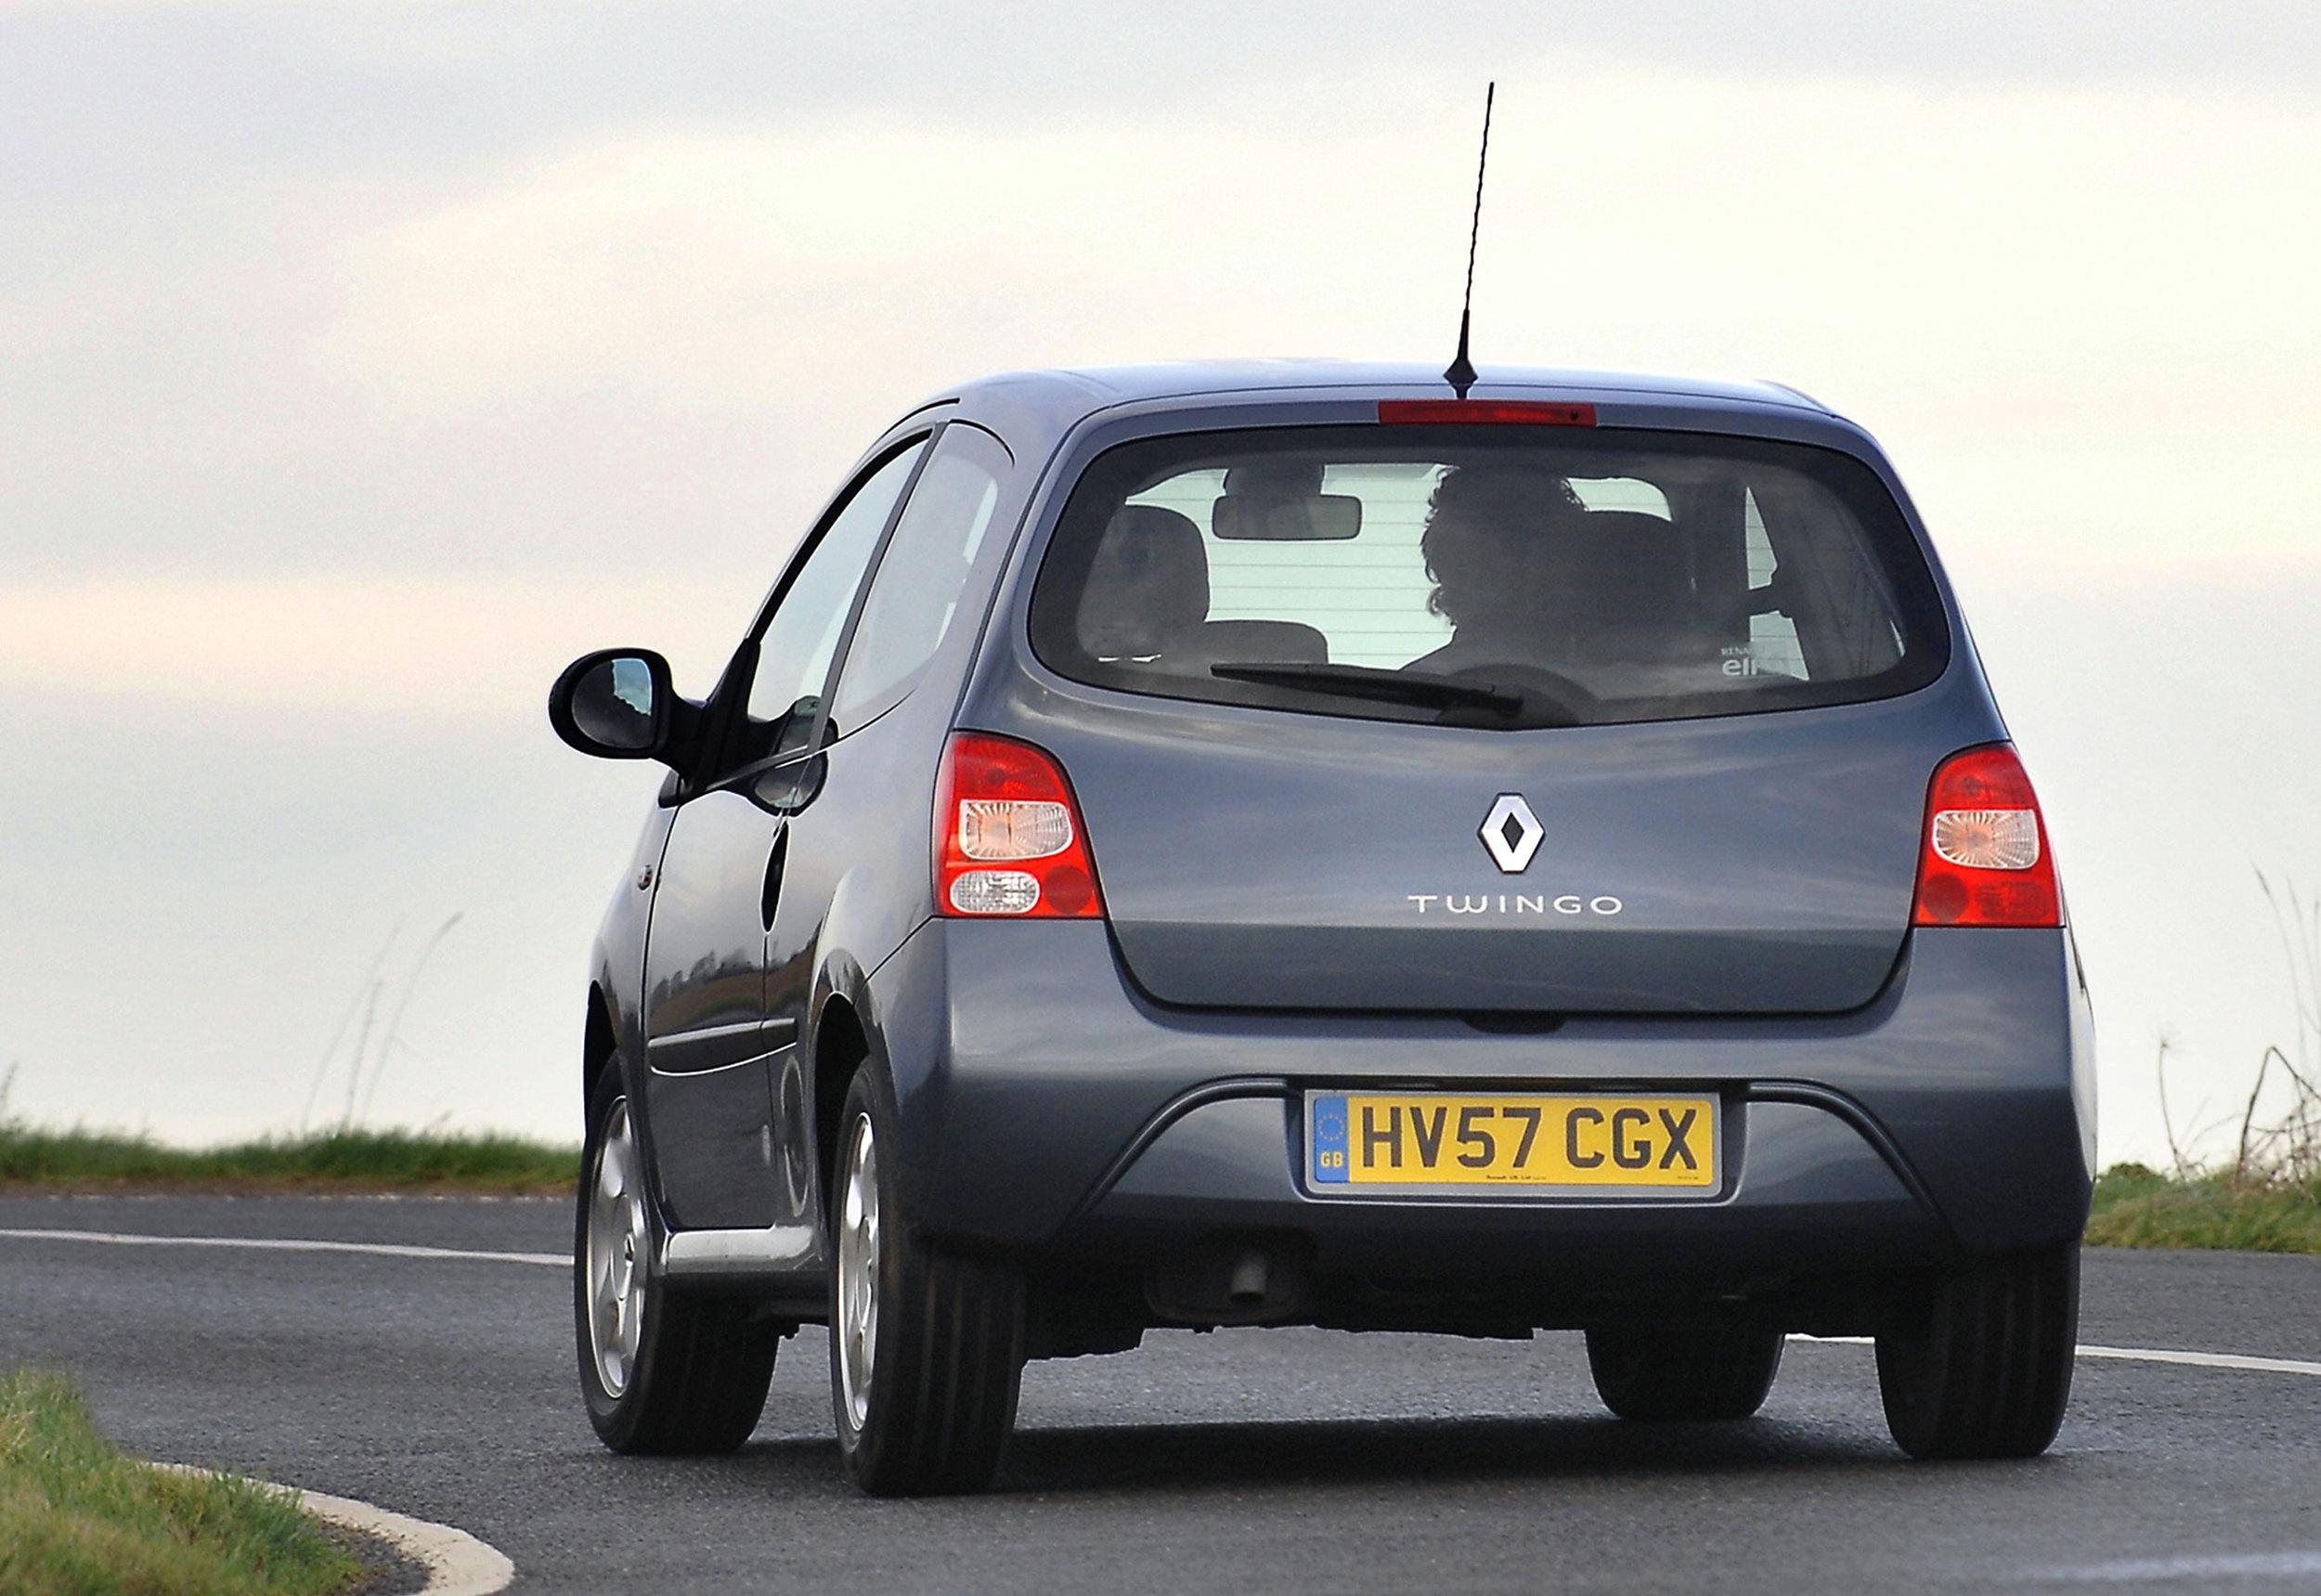 Renault-Twingo-18.jpg